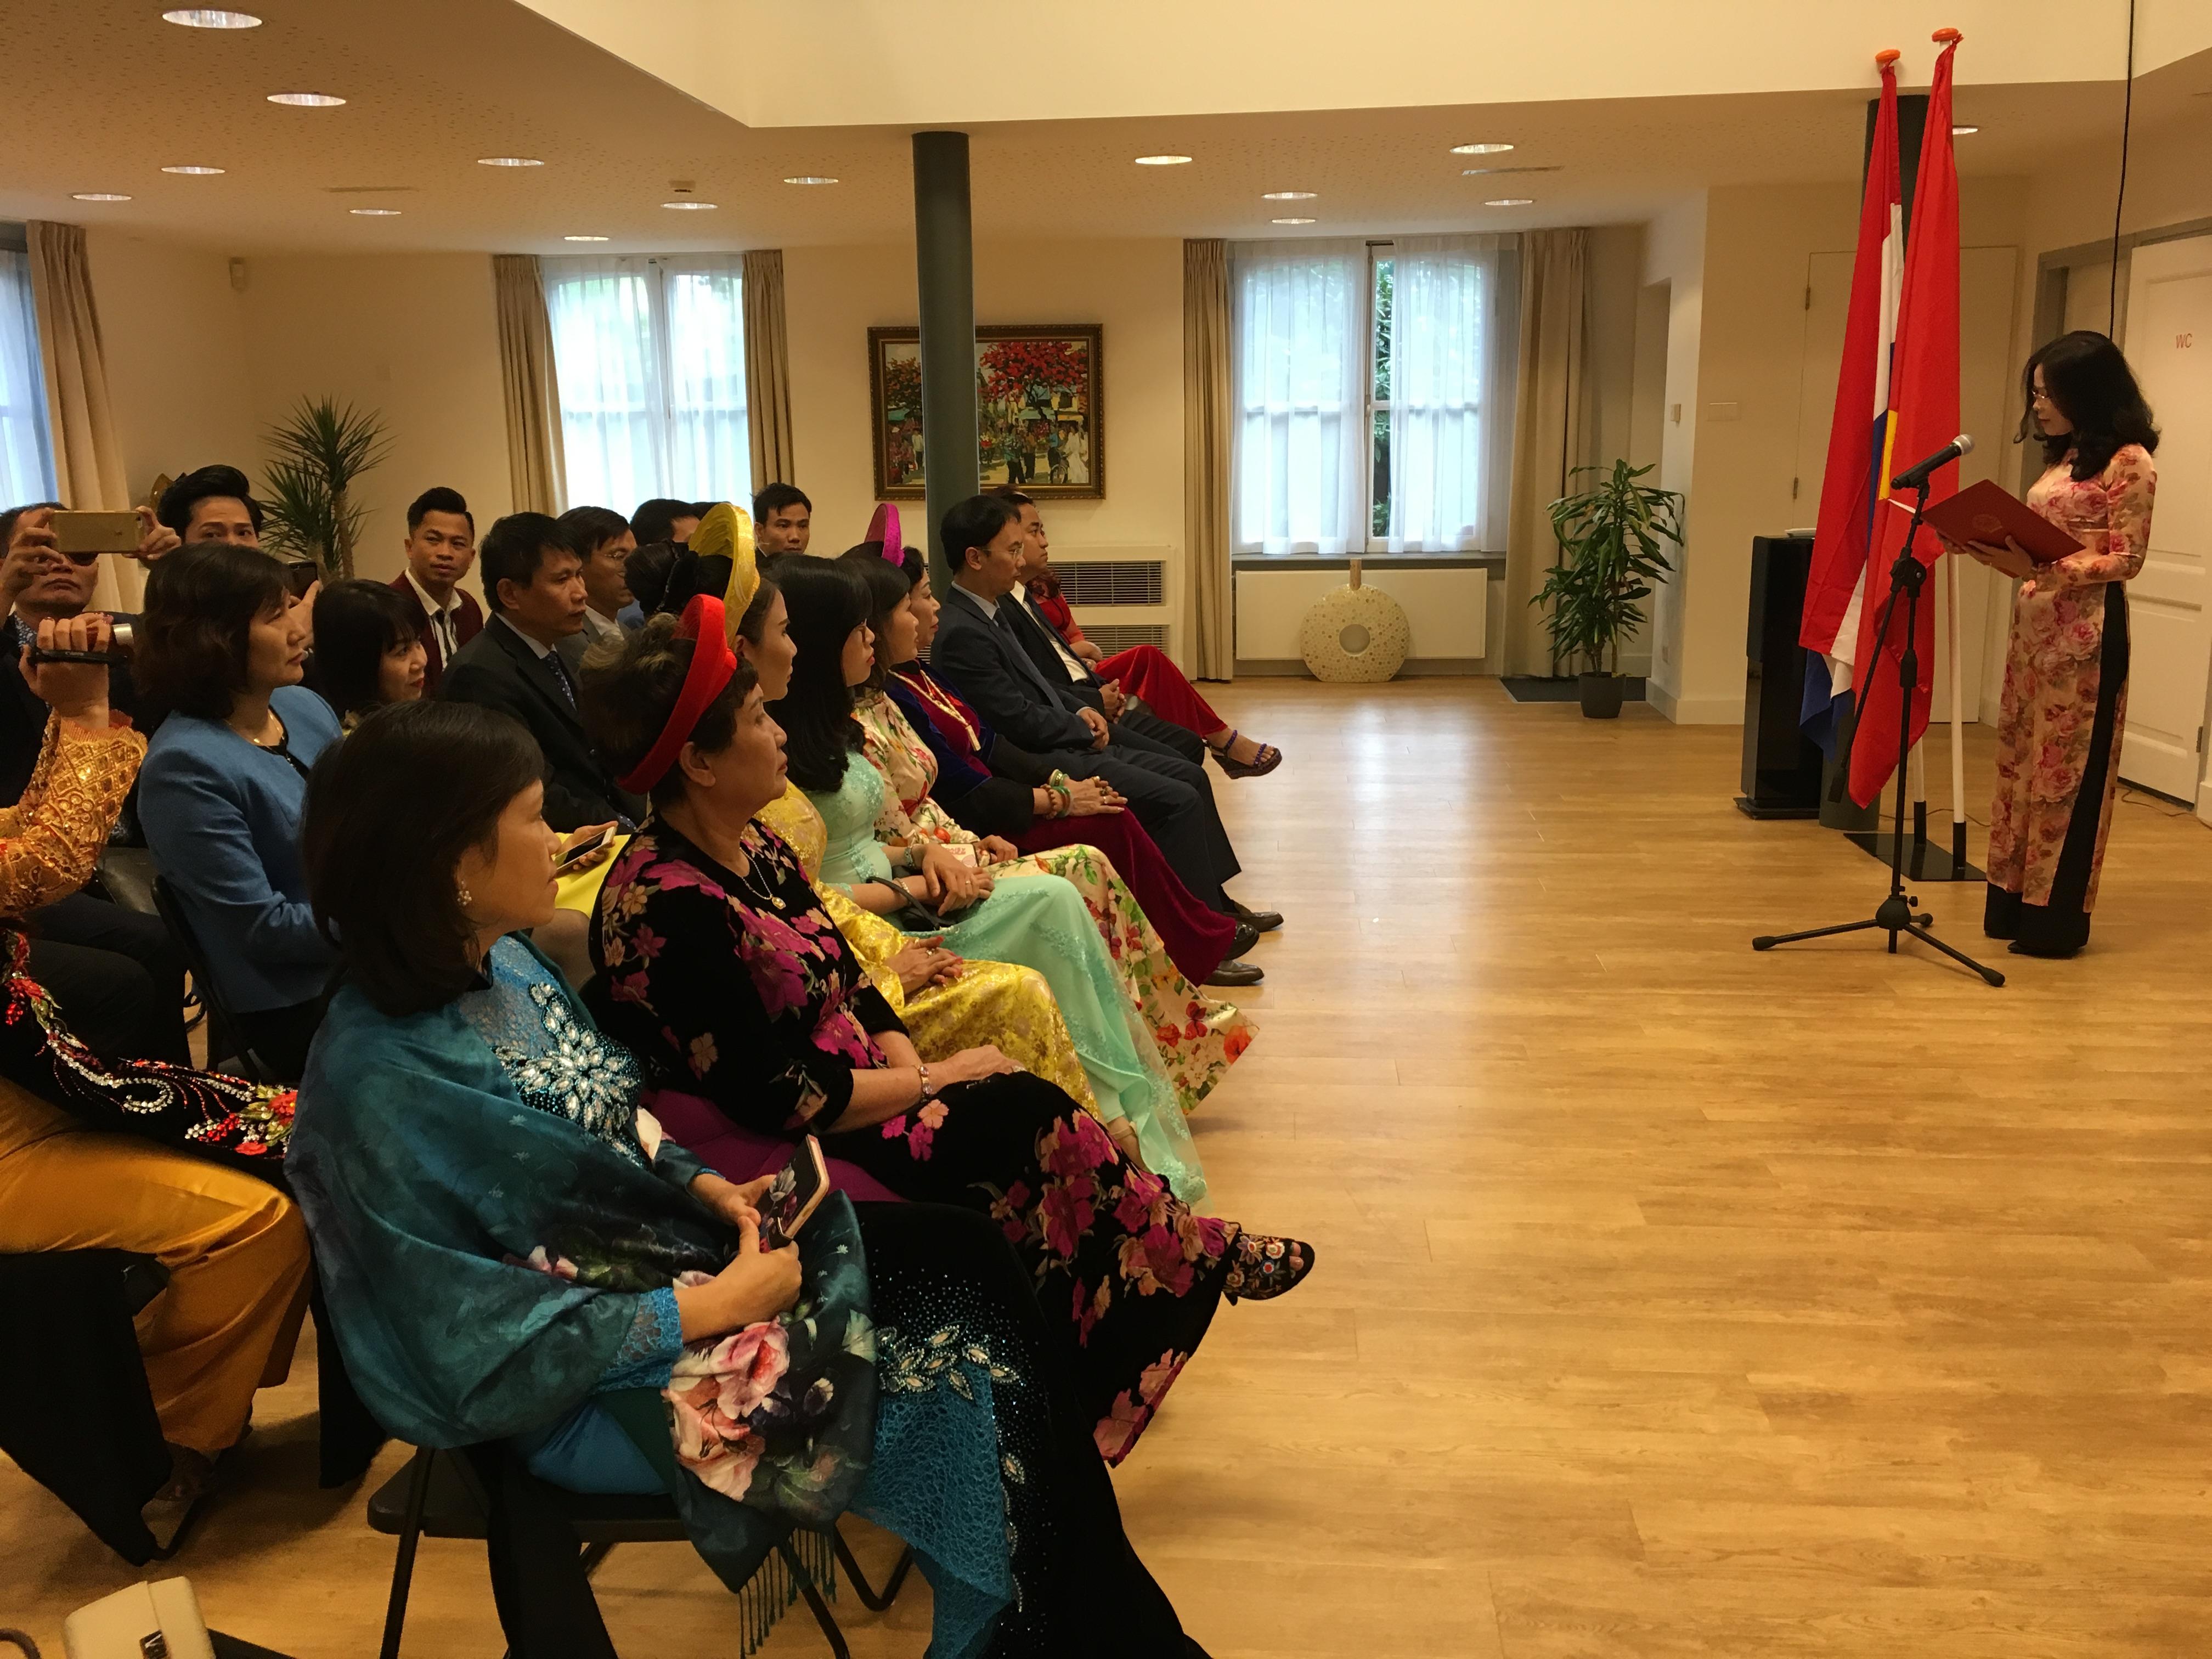 Đại sứ quán Việt Nam tại Hà Lan tổ chức Kỷ niệm 72 năm Cách mạng Tháng Tám và Quốc khánh 2/9